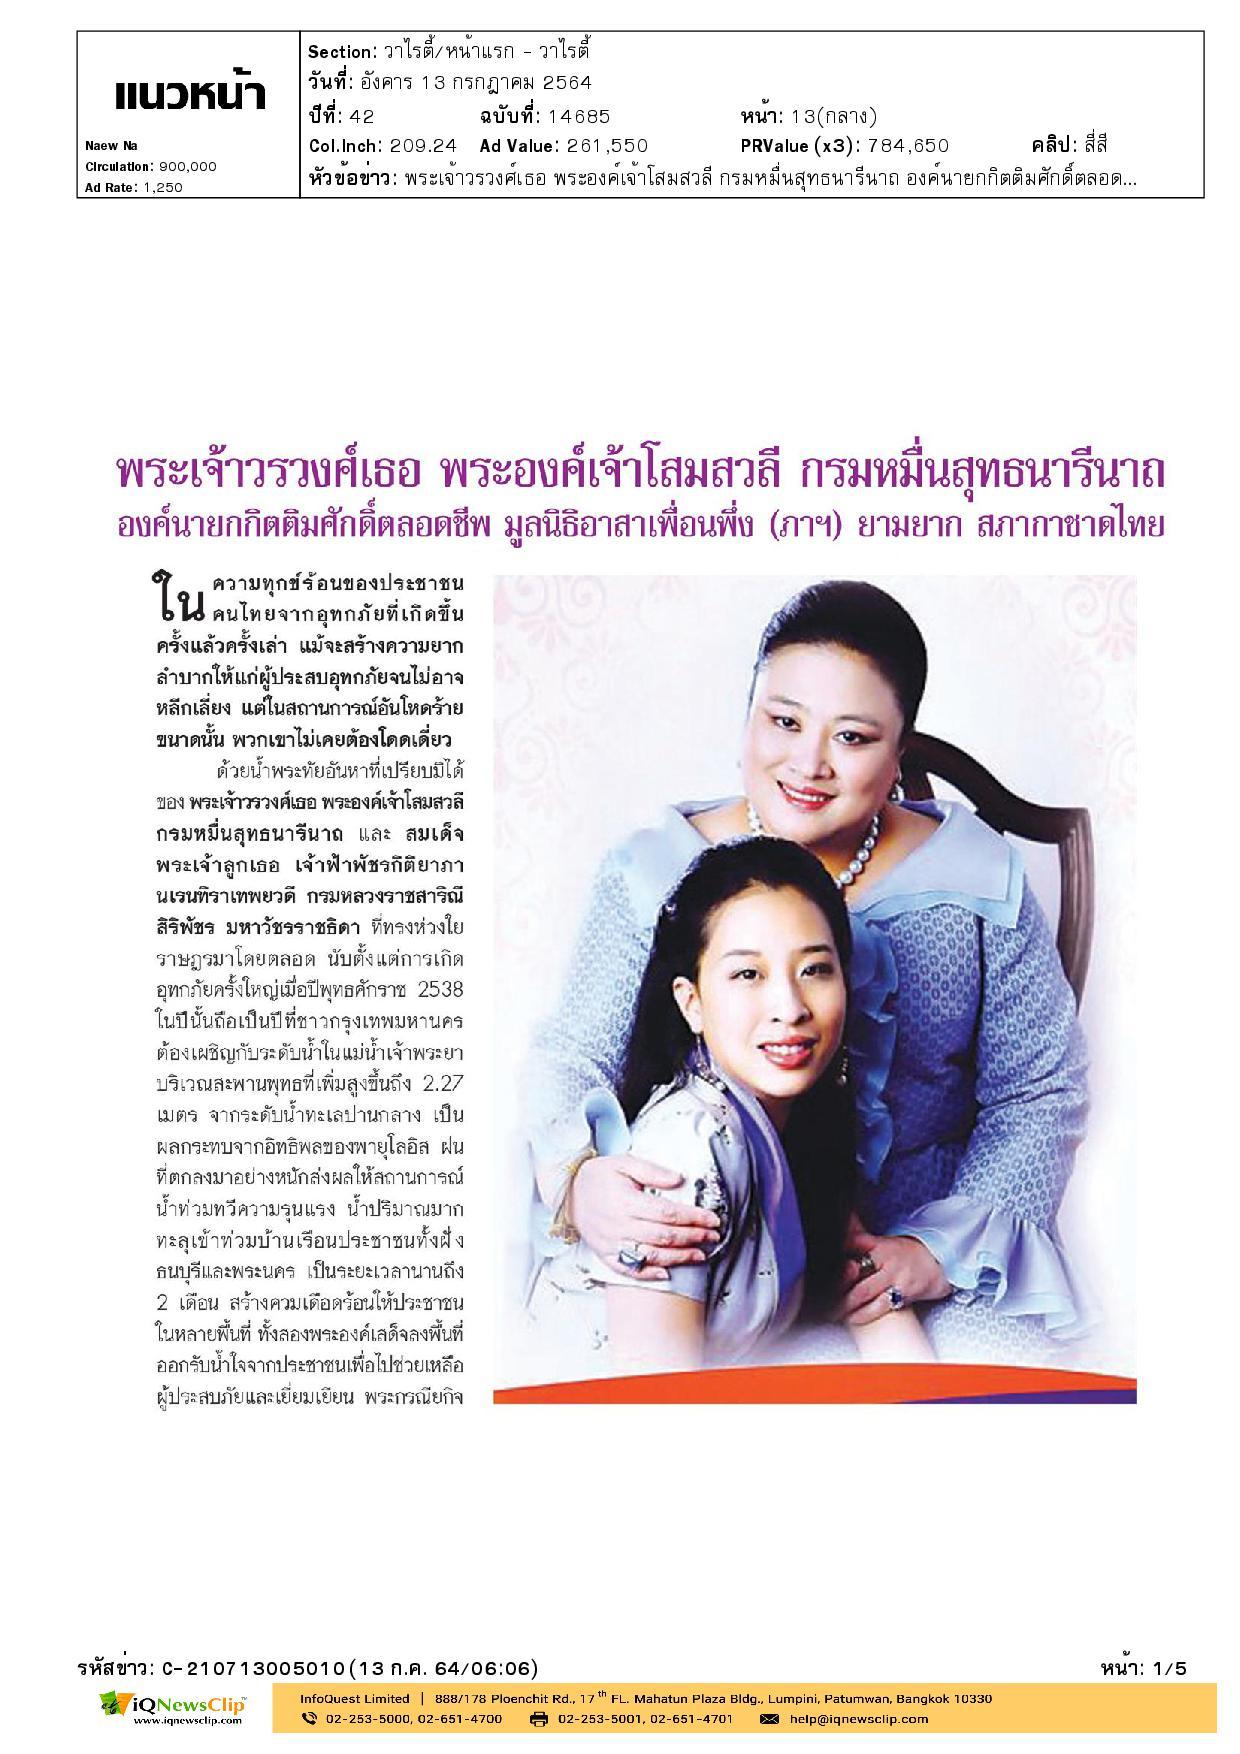 พระเจ้าวรวงศ์เธอ พระองค์เจ้าโสมสวลี กรมหมื่นสุทธนารีนาถ  องค์นายกกิตติมศักดิ์ตลอดชีพ มูลนิธิอาสาเพื่อนพึ่ง (ภาฯ) ยามยาก  สภากาชาดไทย